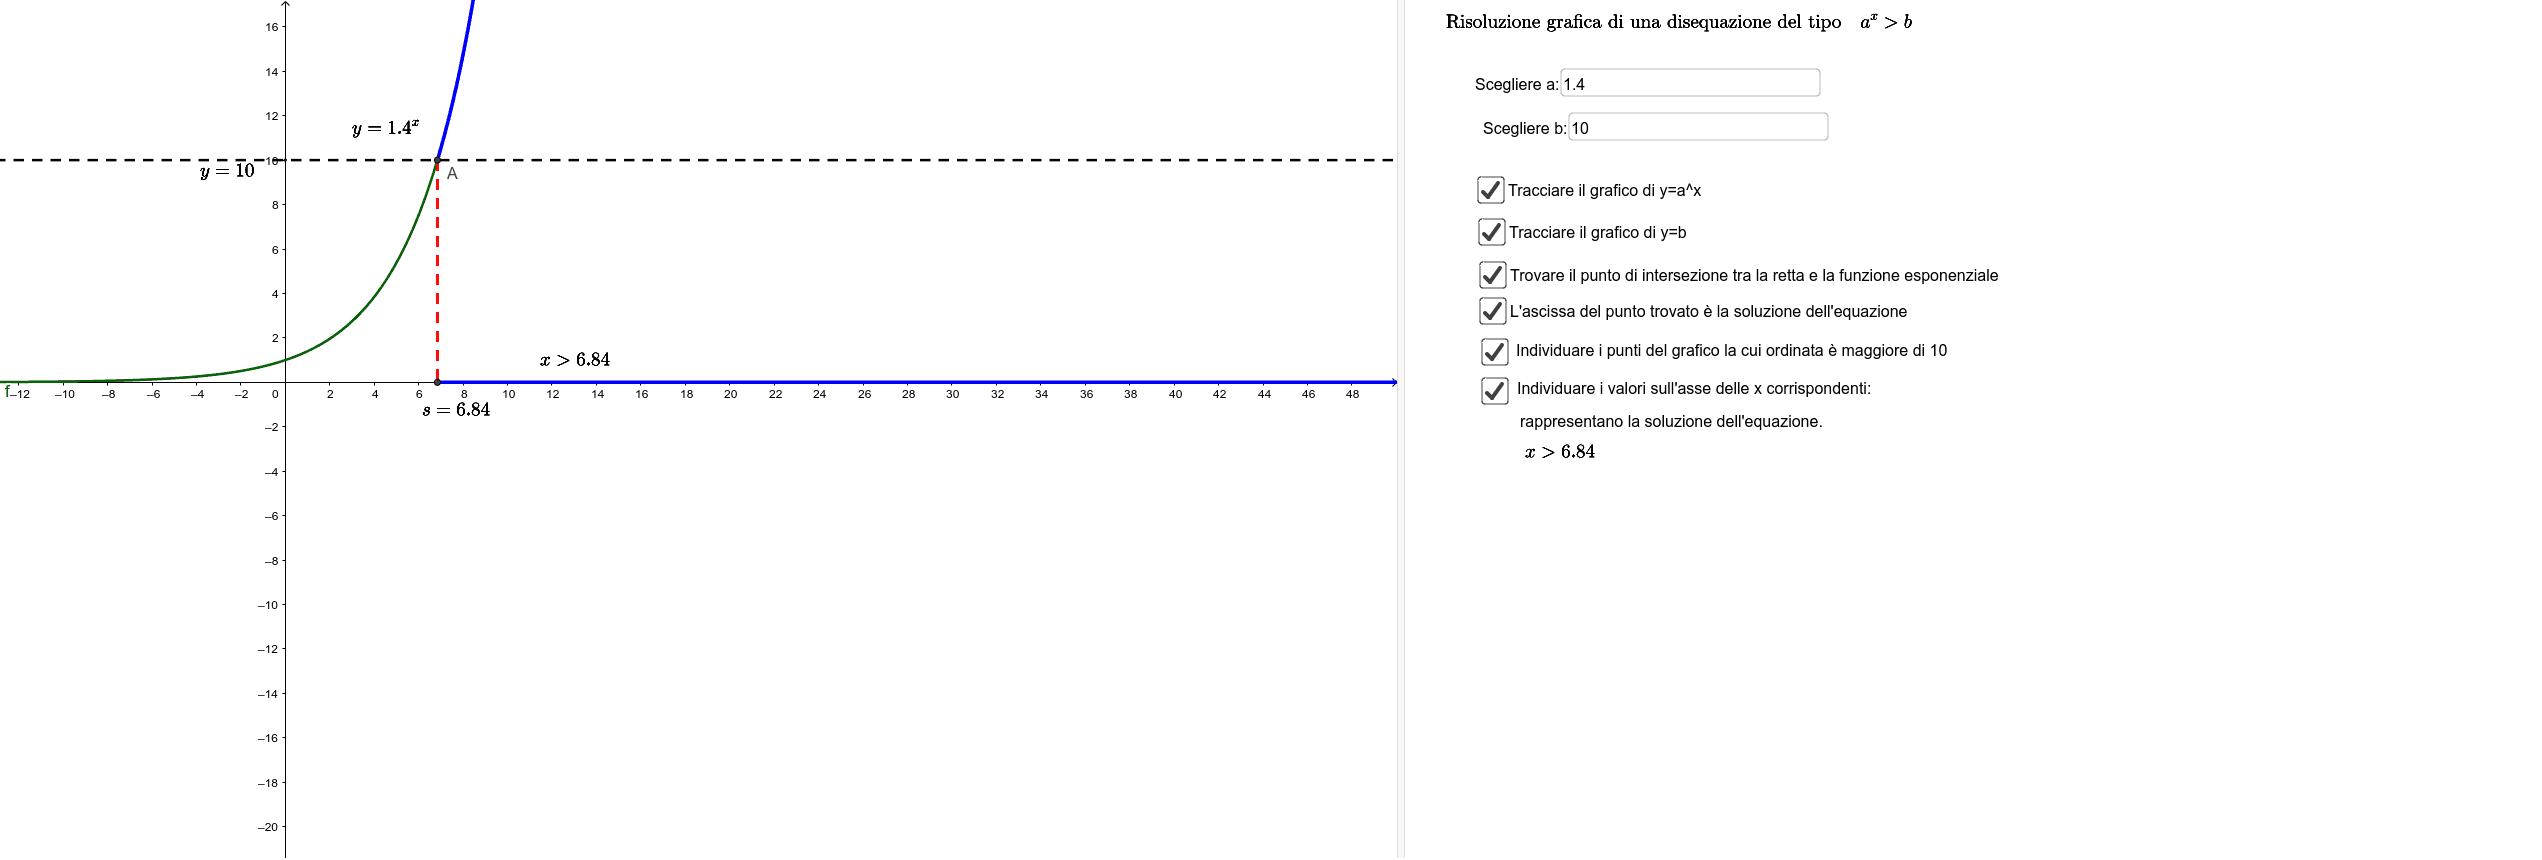 Risoluzione di disequazioni del tipo a^x > b Premi Invio per avviare l'attività